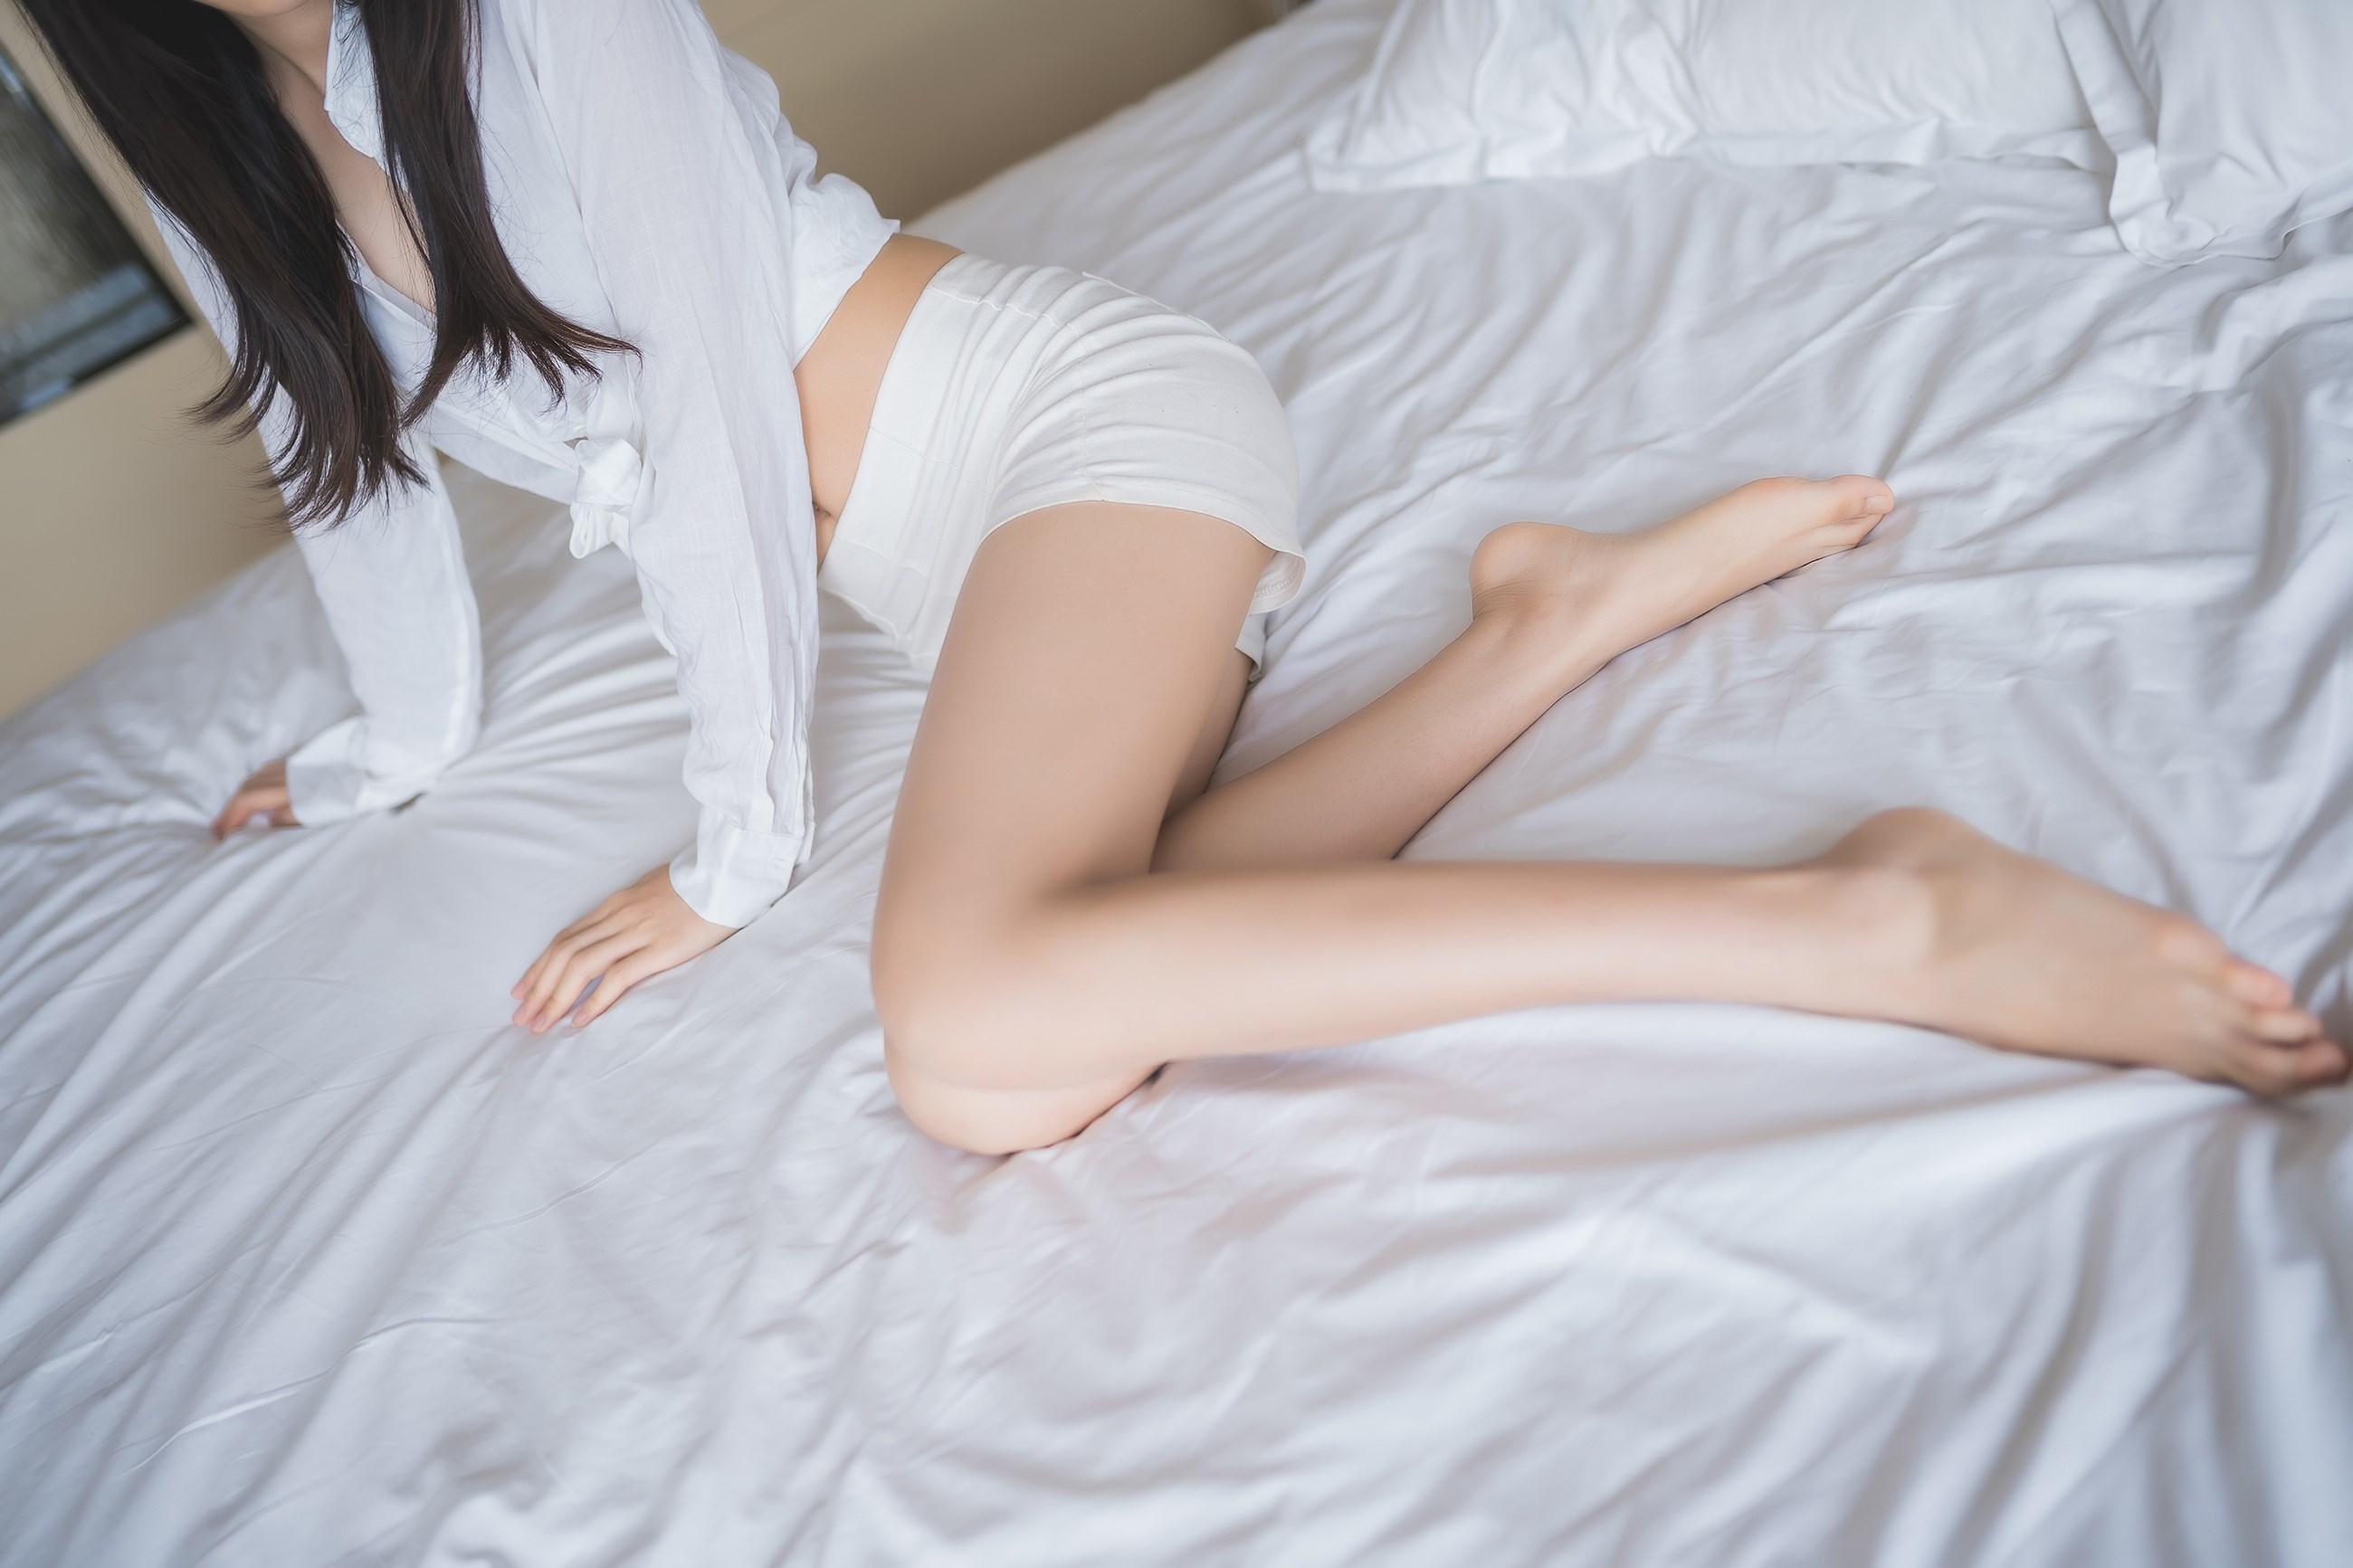 【兔玩映画】床上的果腿 兔玩映画 第4张